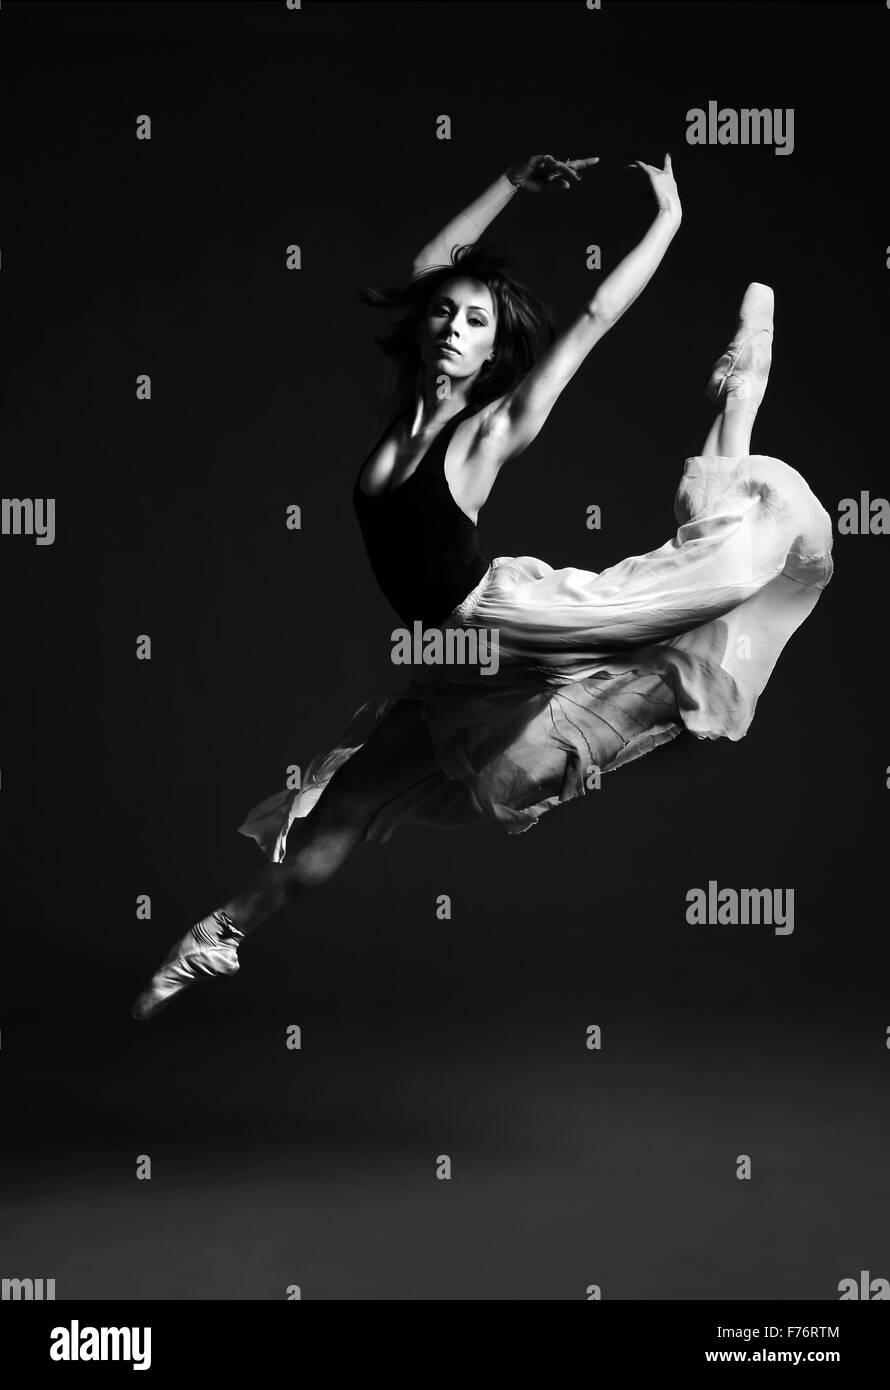 Ballerina in stridente battenti pongono, immagine in bianco e nero Immagini Stock